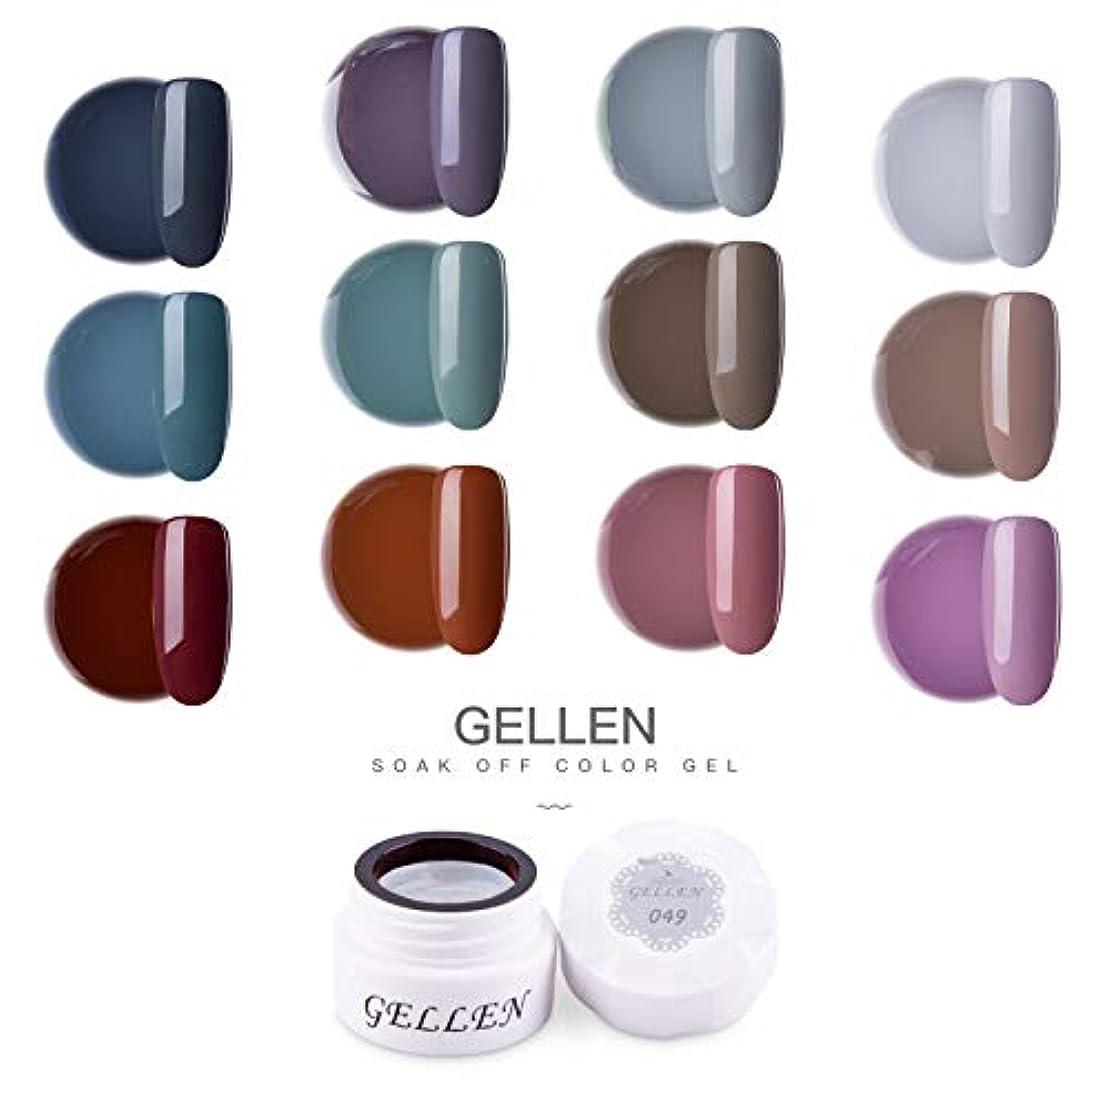 取り出す出血選ぶGellen カラージェル 12色 セット[クラッシク シリーズ]高品質 5g ジェルネイル カラー ネイルブラシ付き